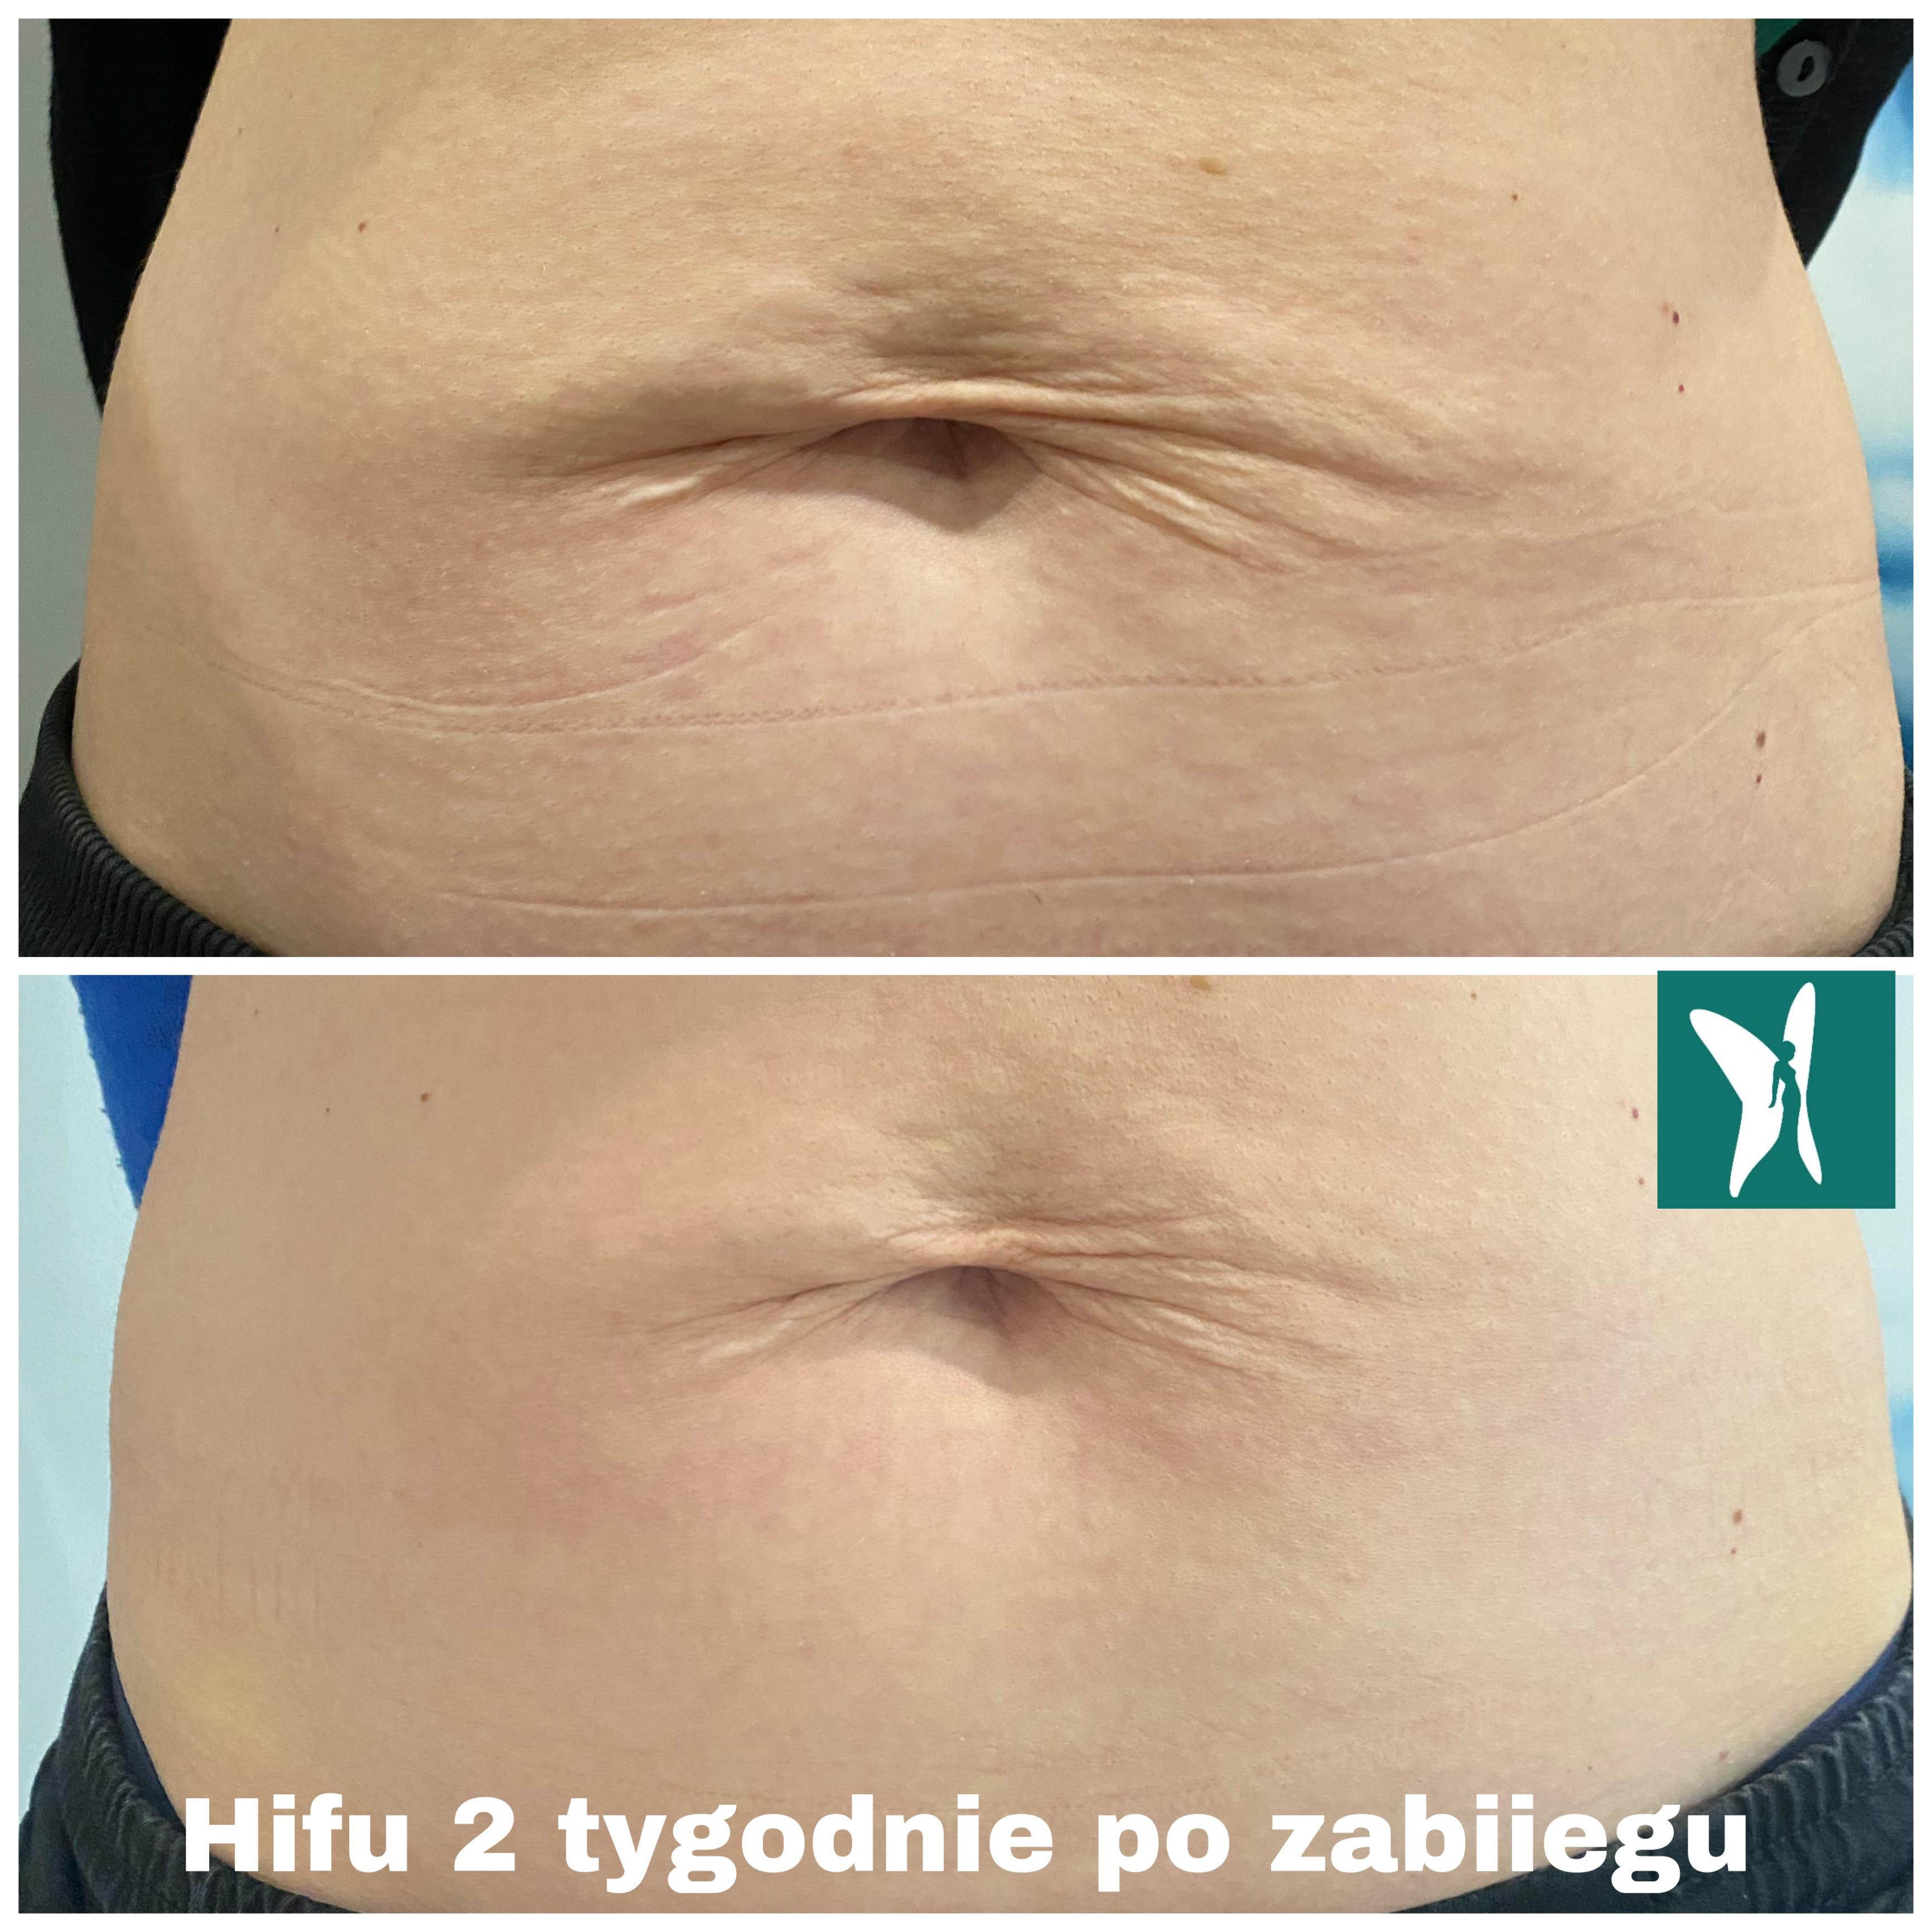 hifu brzuch po ciąży kobieteria